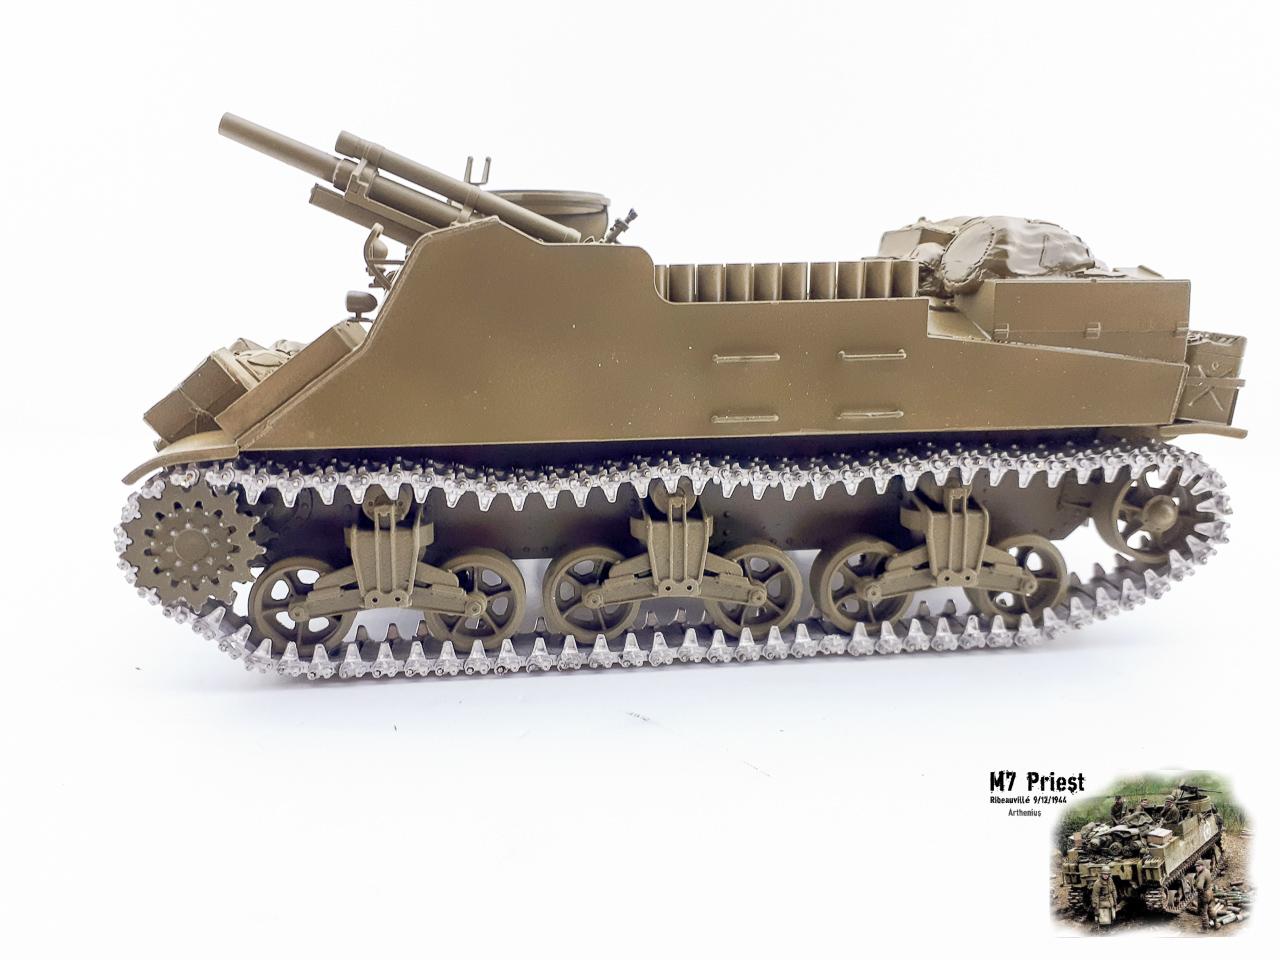 M7 Priest Ribeauvillé 9/12/1944 2018-058